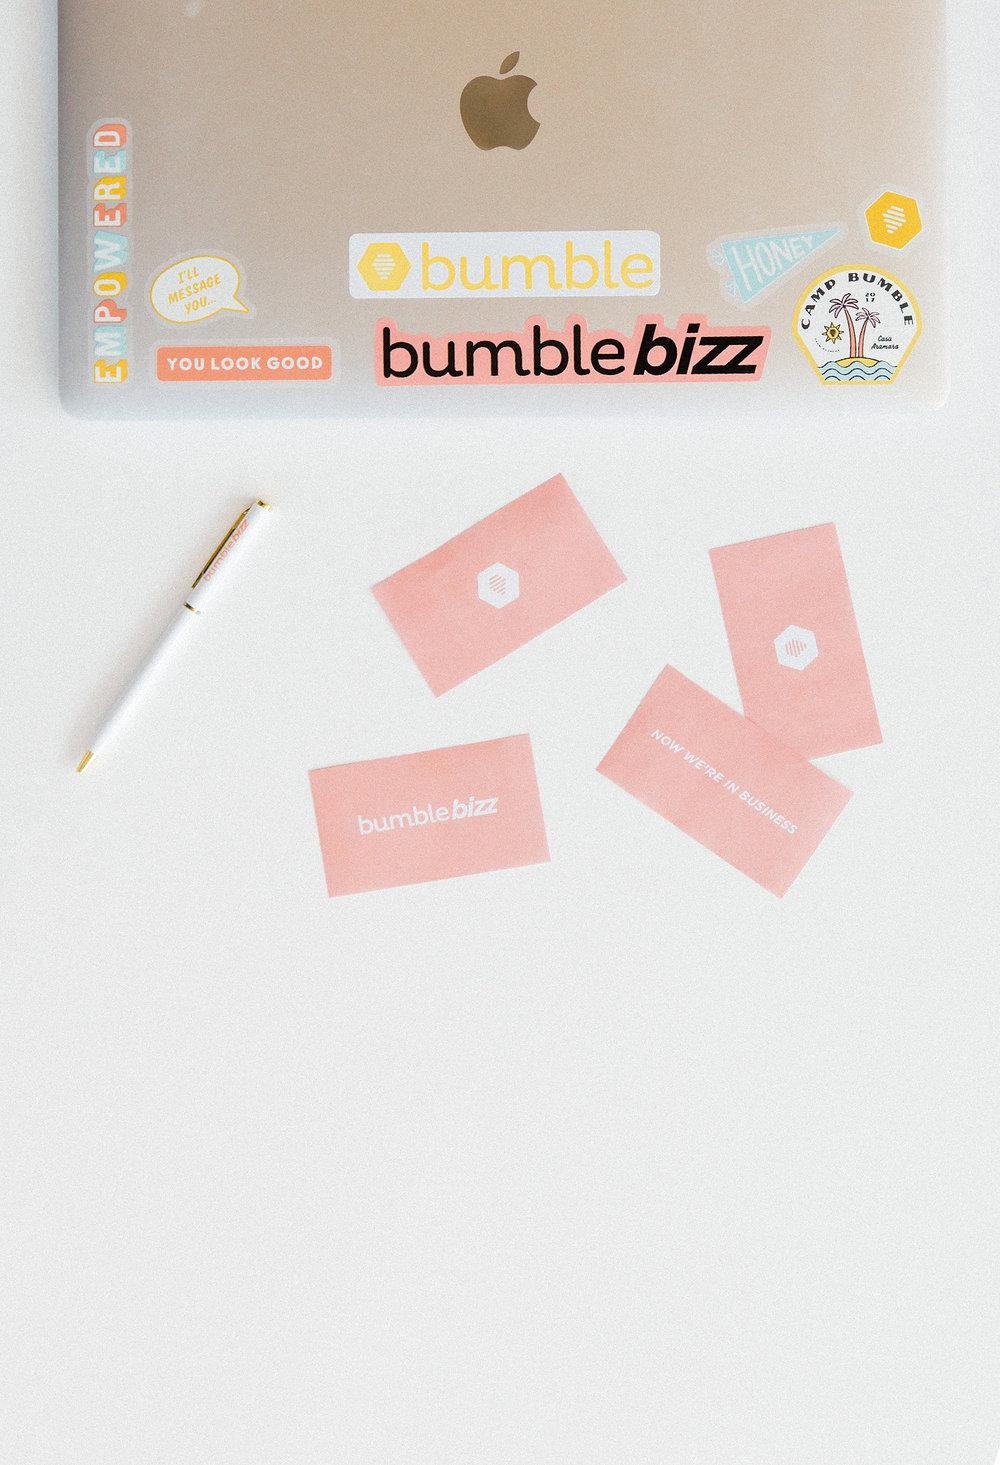 bumblebizz-8175.jpg